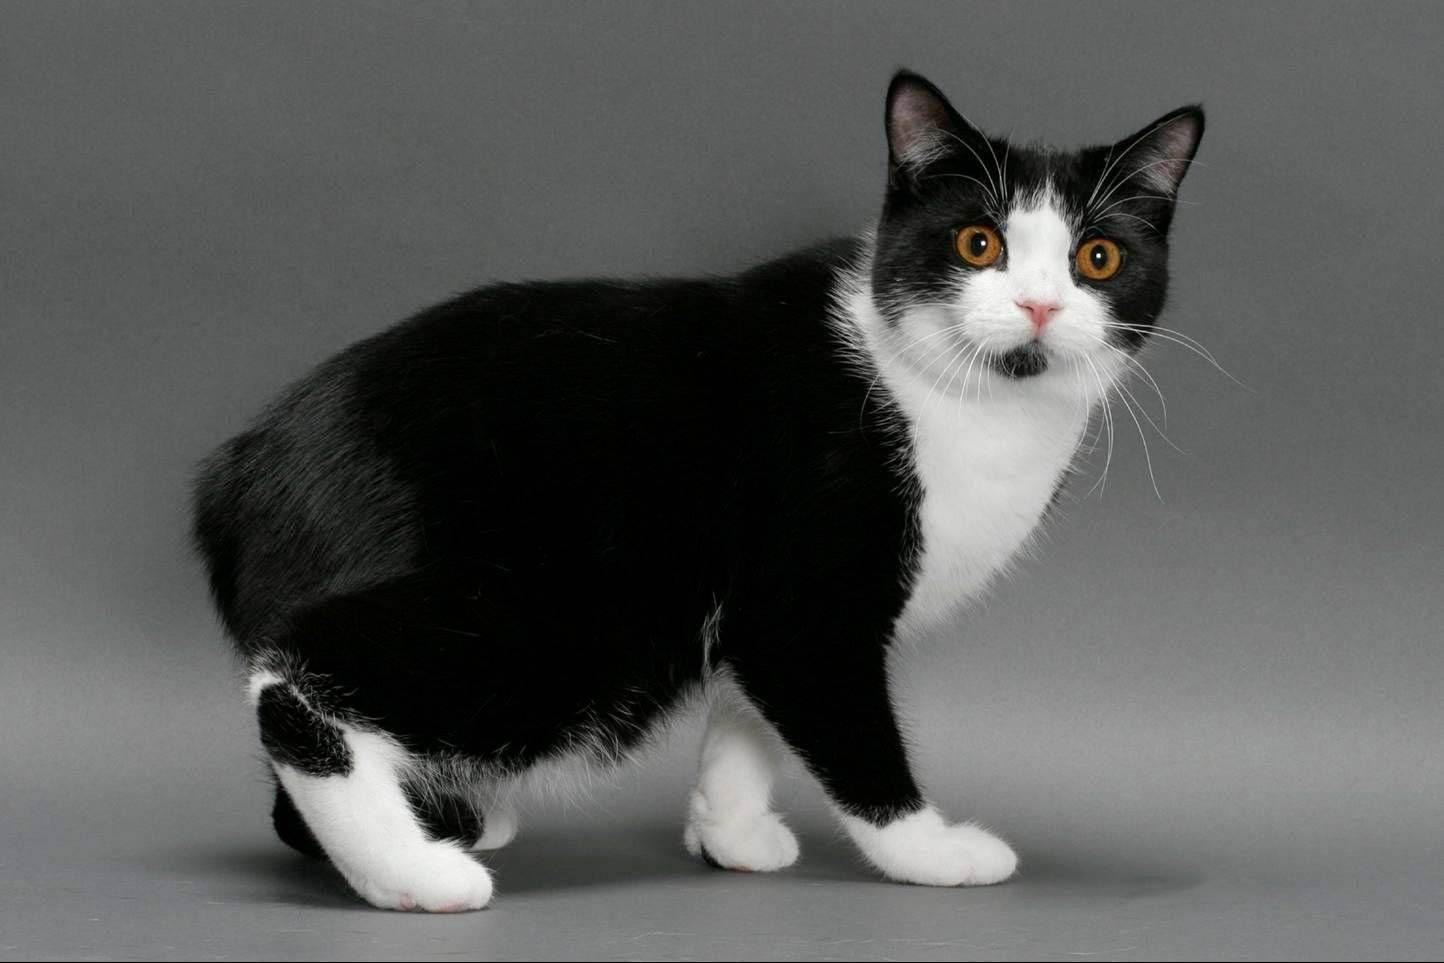 Черно-белый кот, кошка, котенок: какое название у породы с таким окрасом?